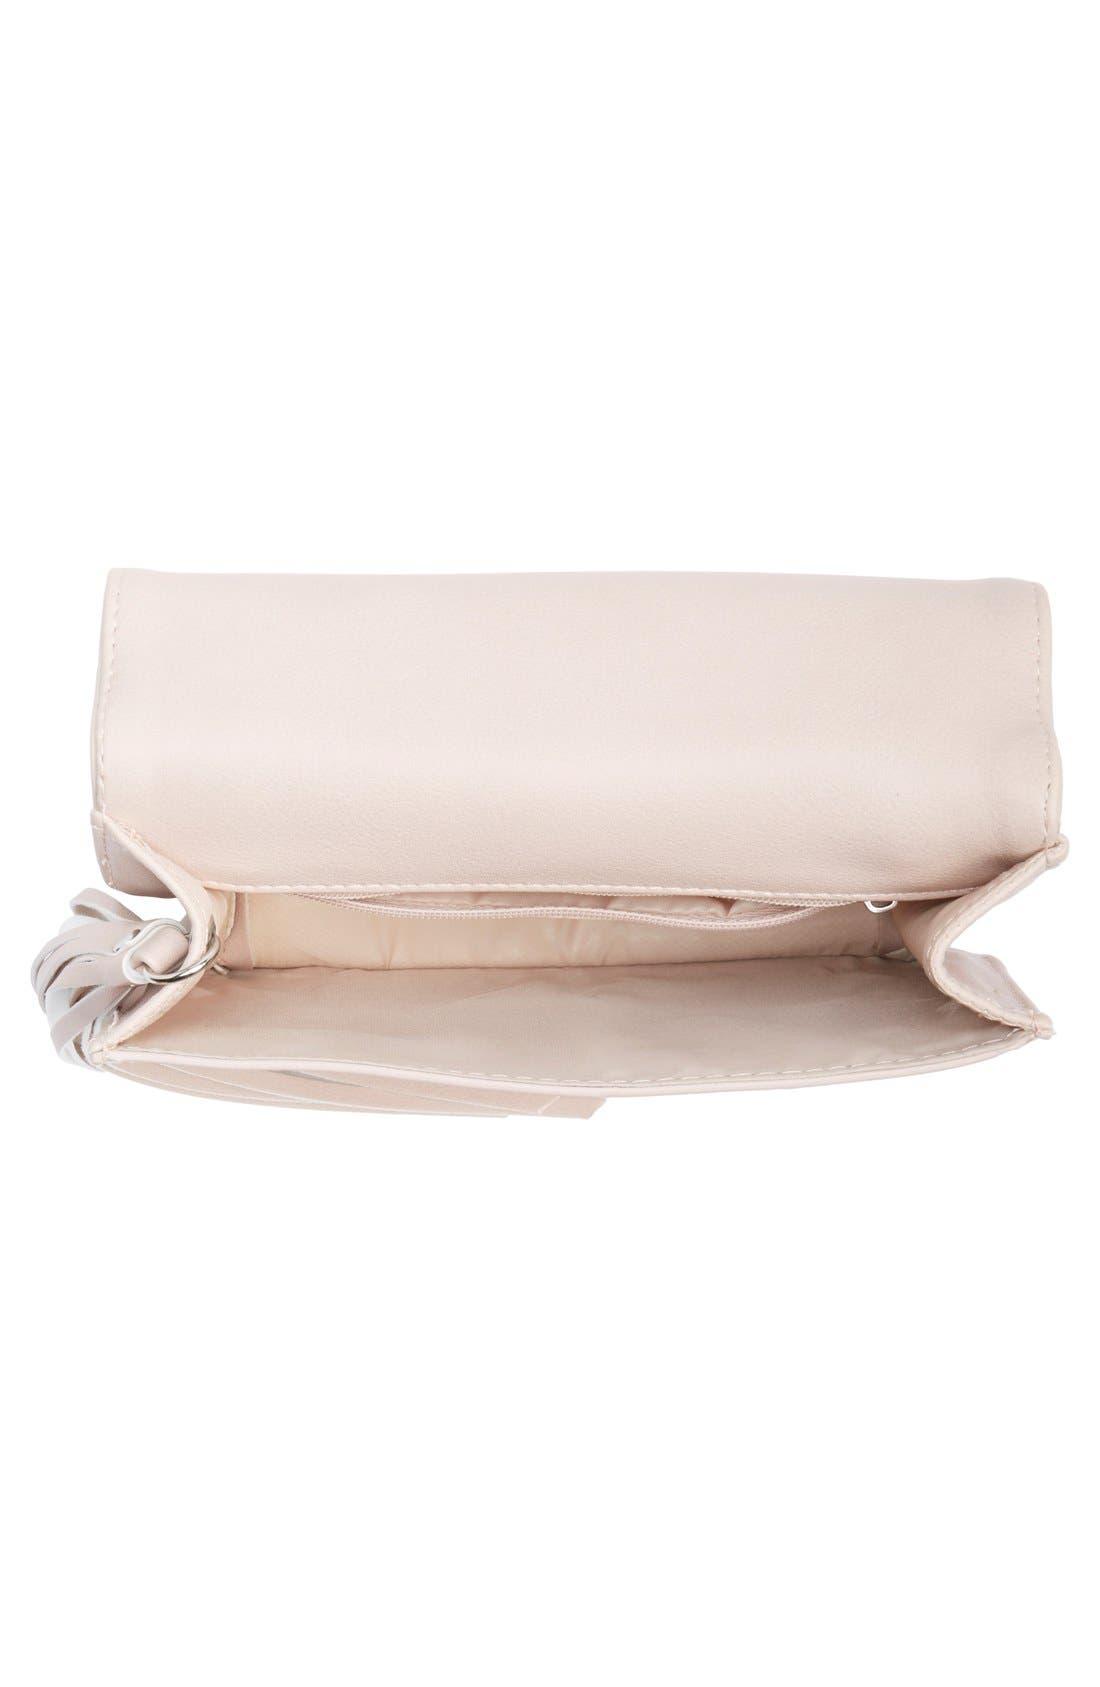 Tassel Crossbody Bag,                             Alternate thumbnail 4, color,                             Blush